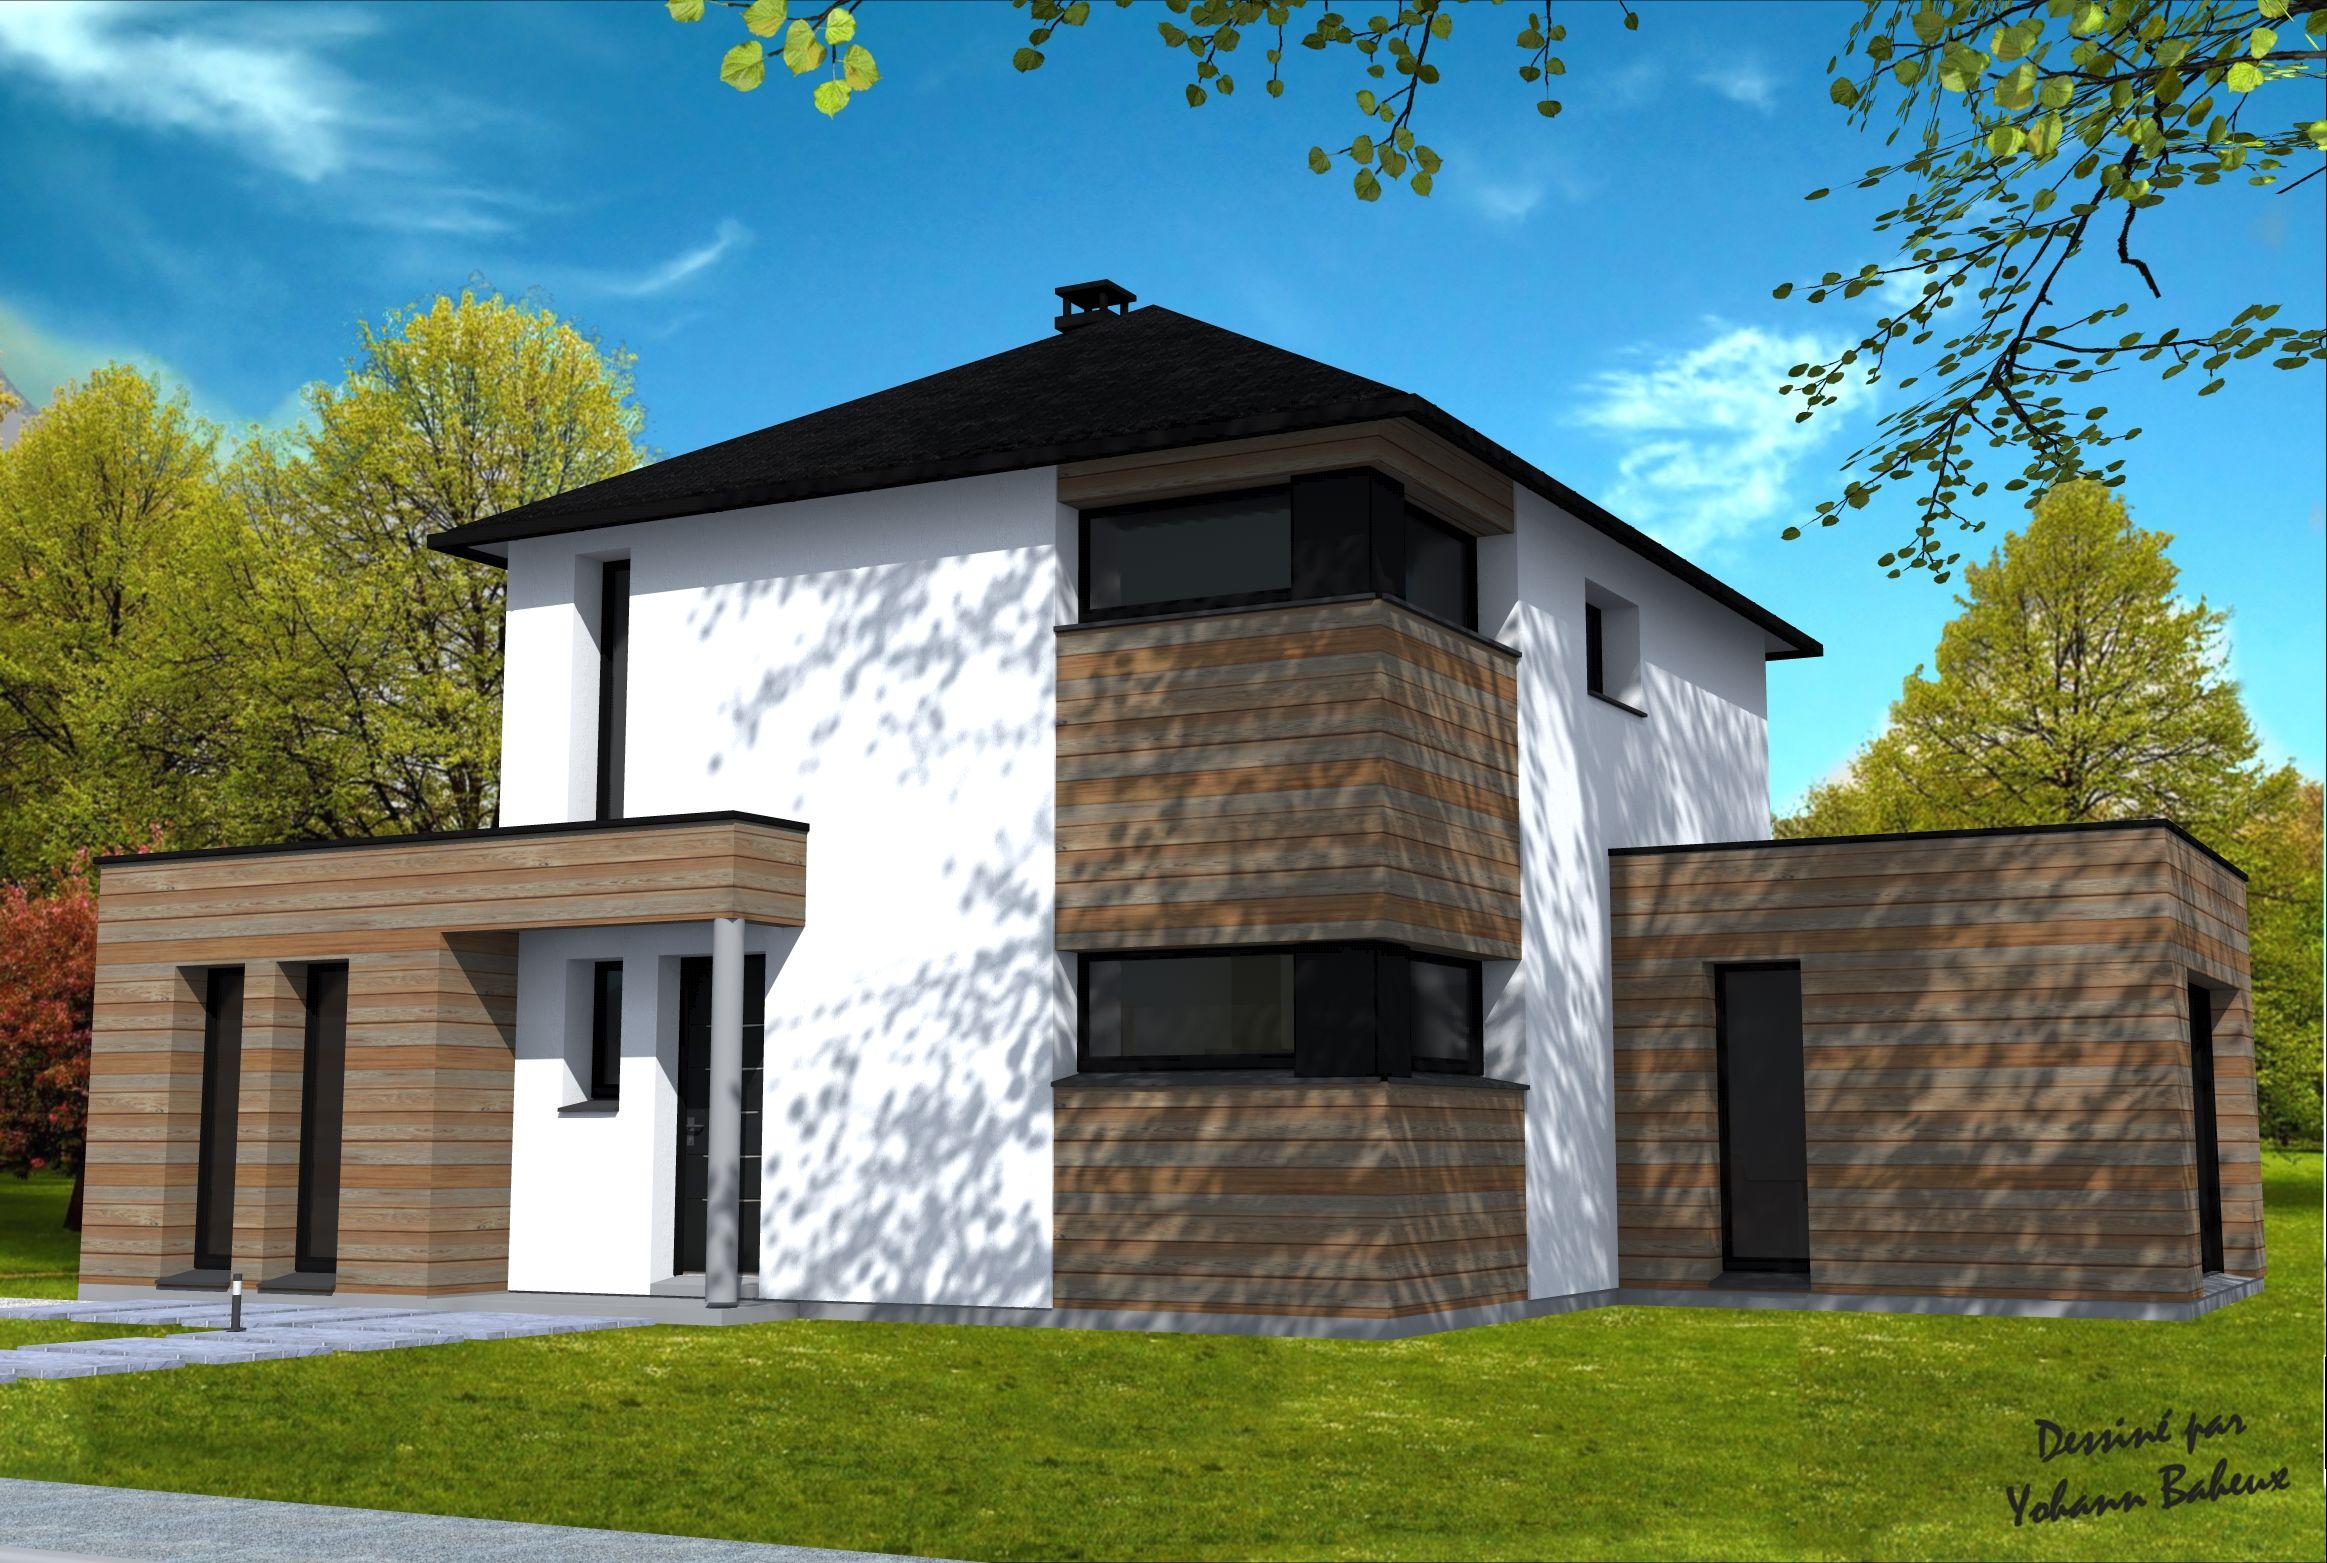 Maison r 1 avec extensions cubiques maison en projet maison construction maison et toiture for Maison cubique toit 4 pans